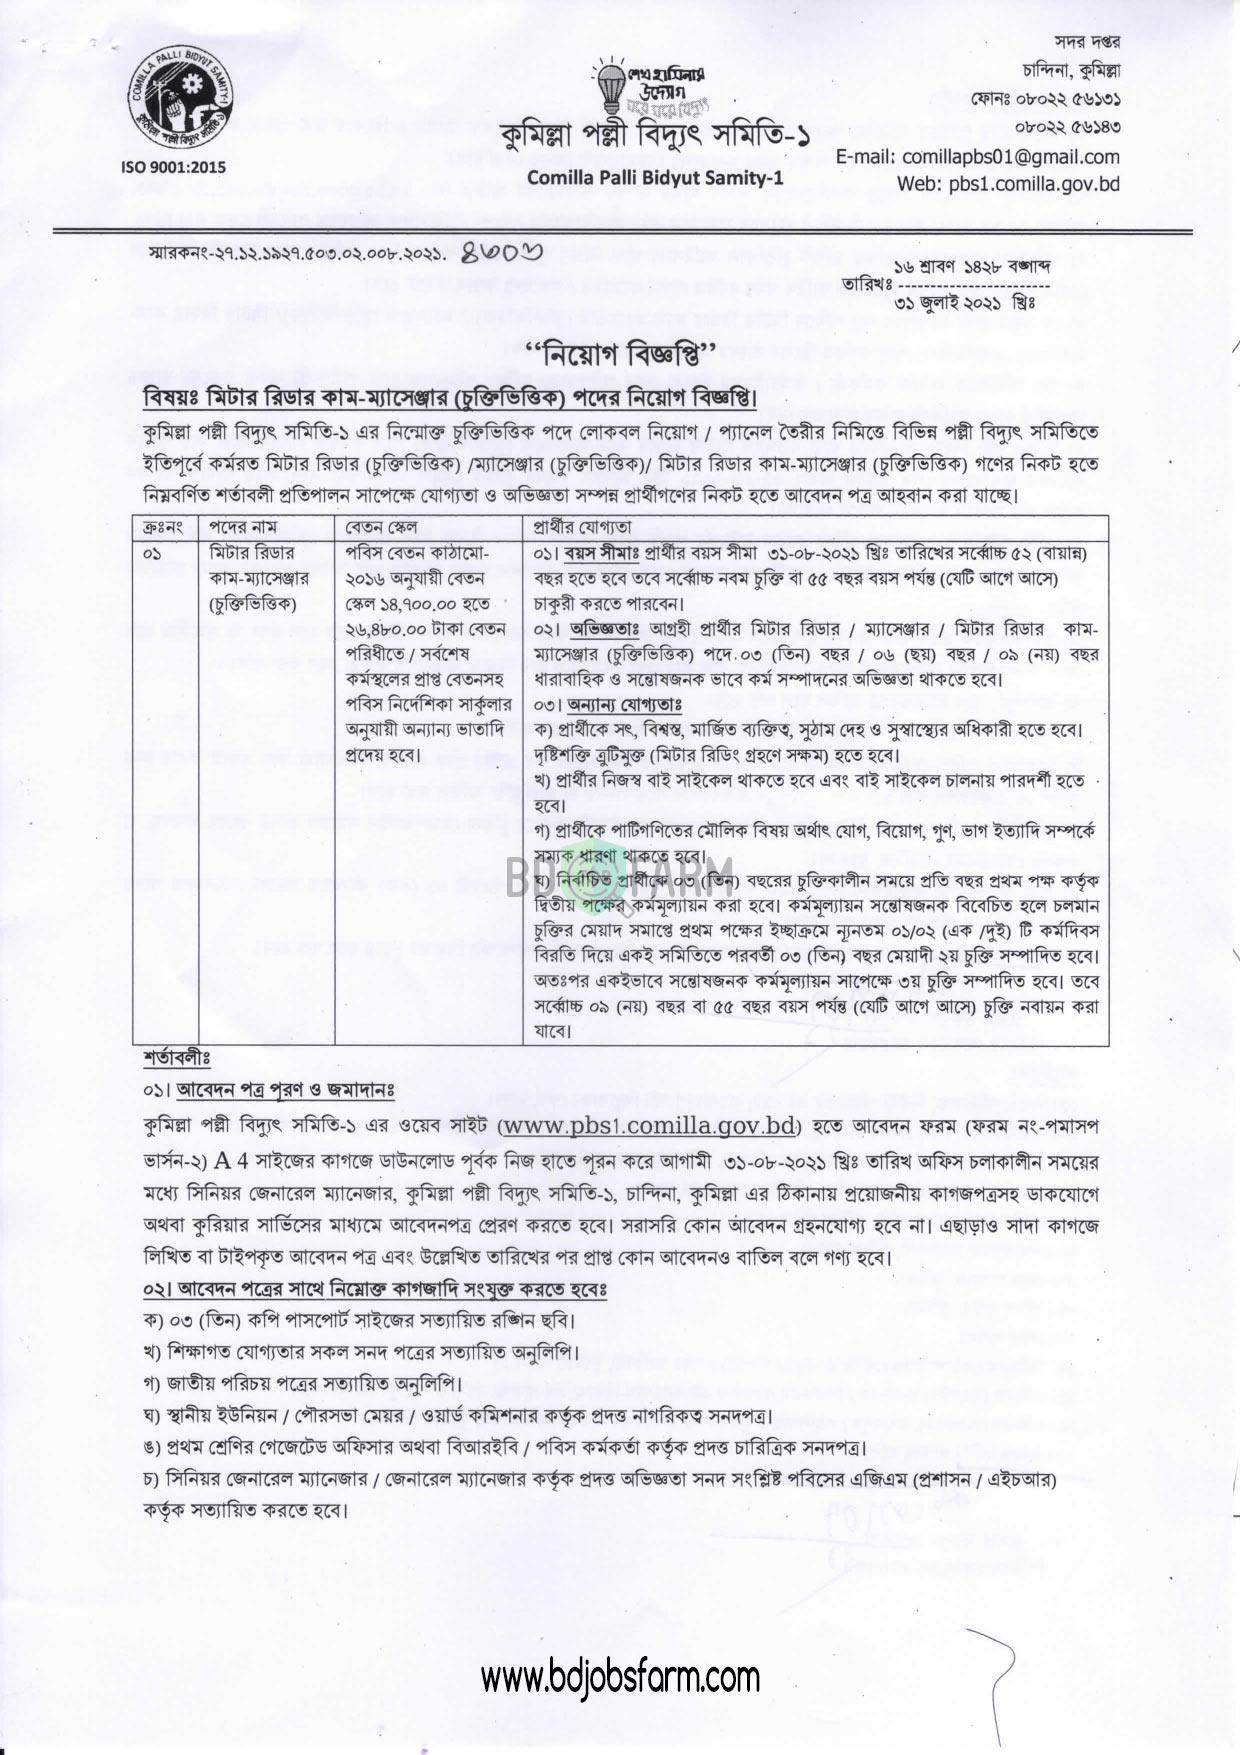 কুমিল্লা পল্লী বিদ্যুৎ সমিতি নিয়োগ বিজ্ঞপ্তি